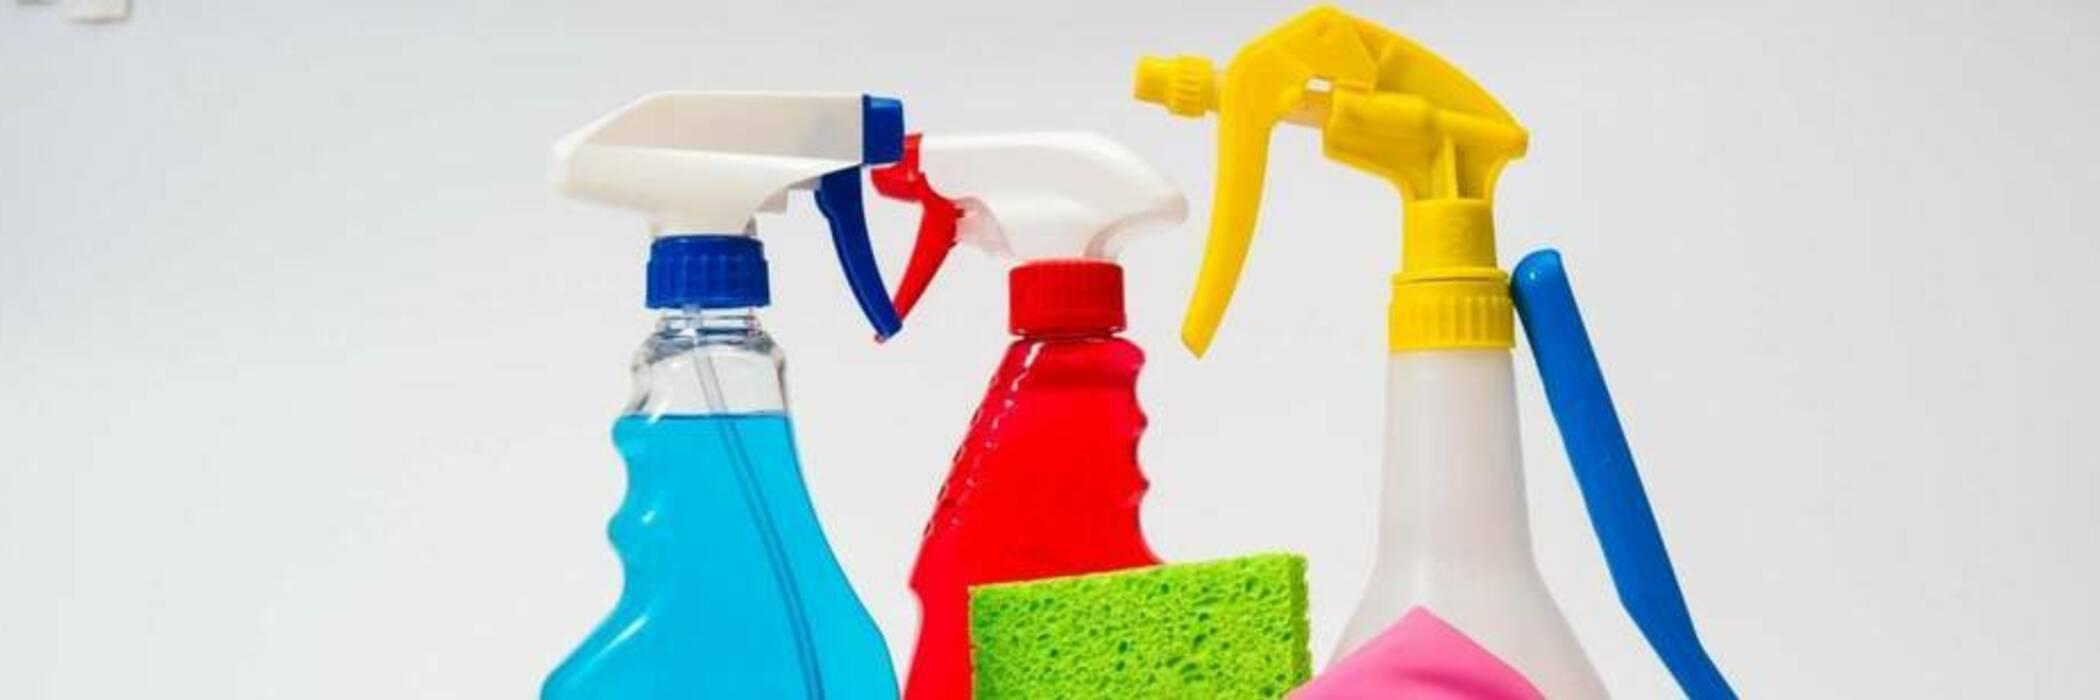 Household cleaner spray bottles.